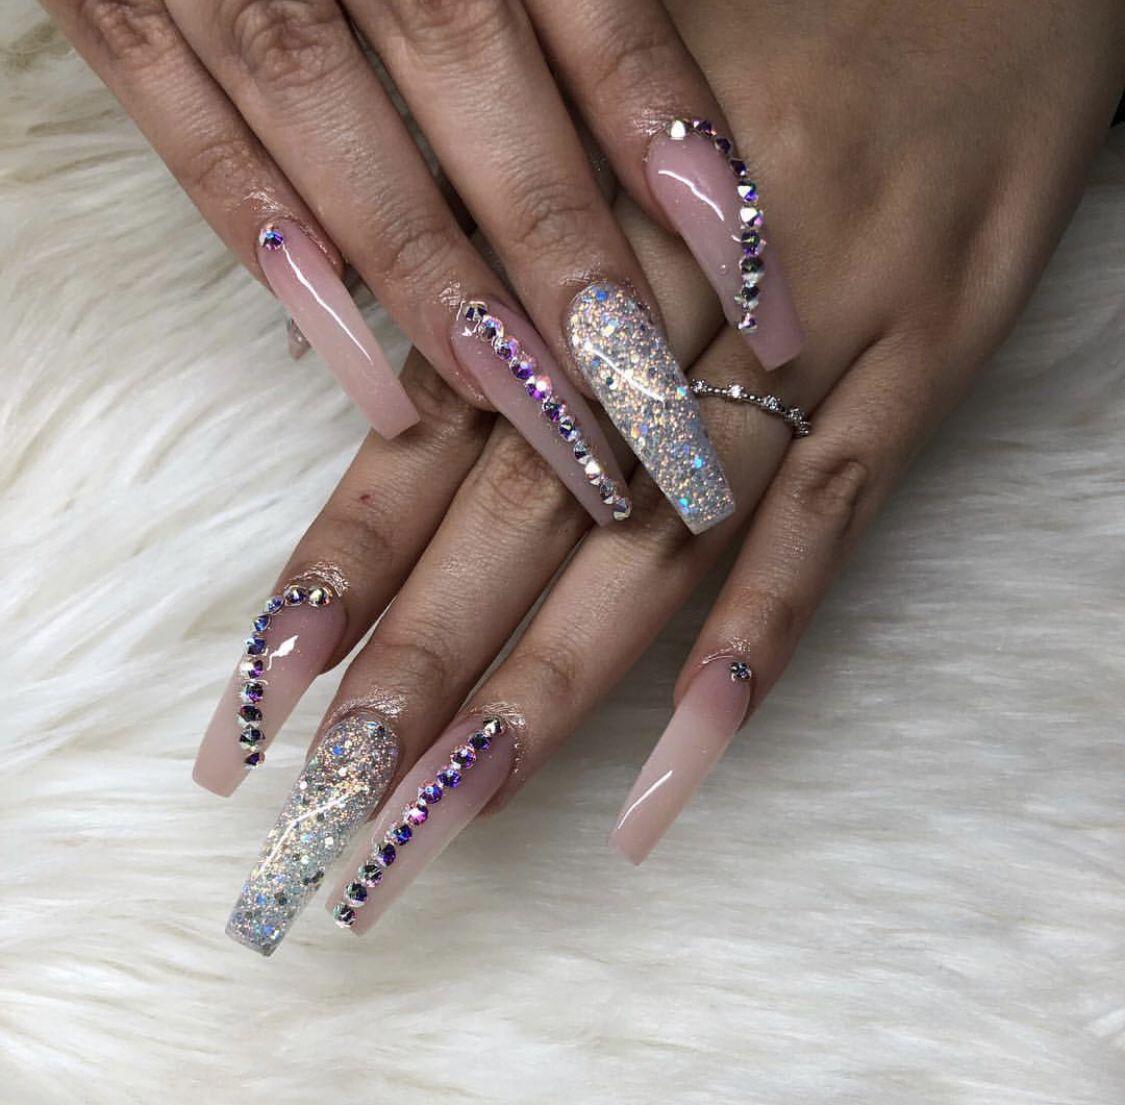 Pin By Nichole M On G R A B B E R Pink Glitter Nails Pretty Acrylic Nails Long Acrylic Nails